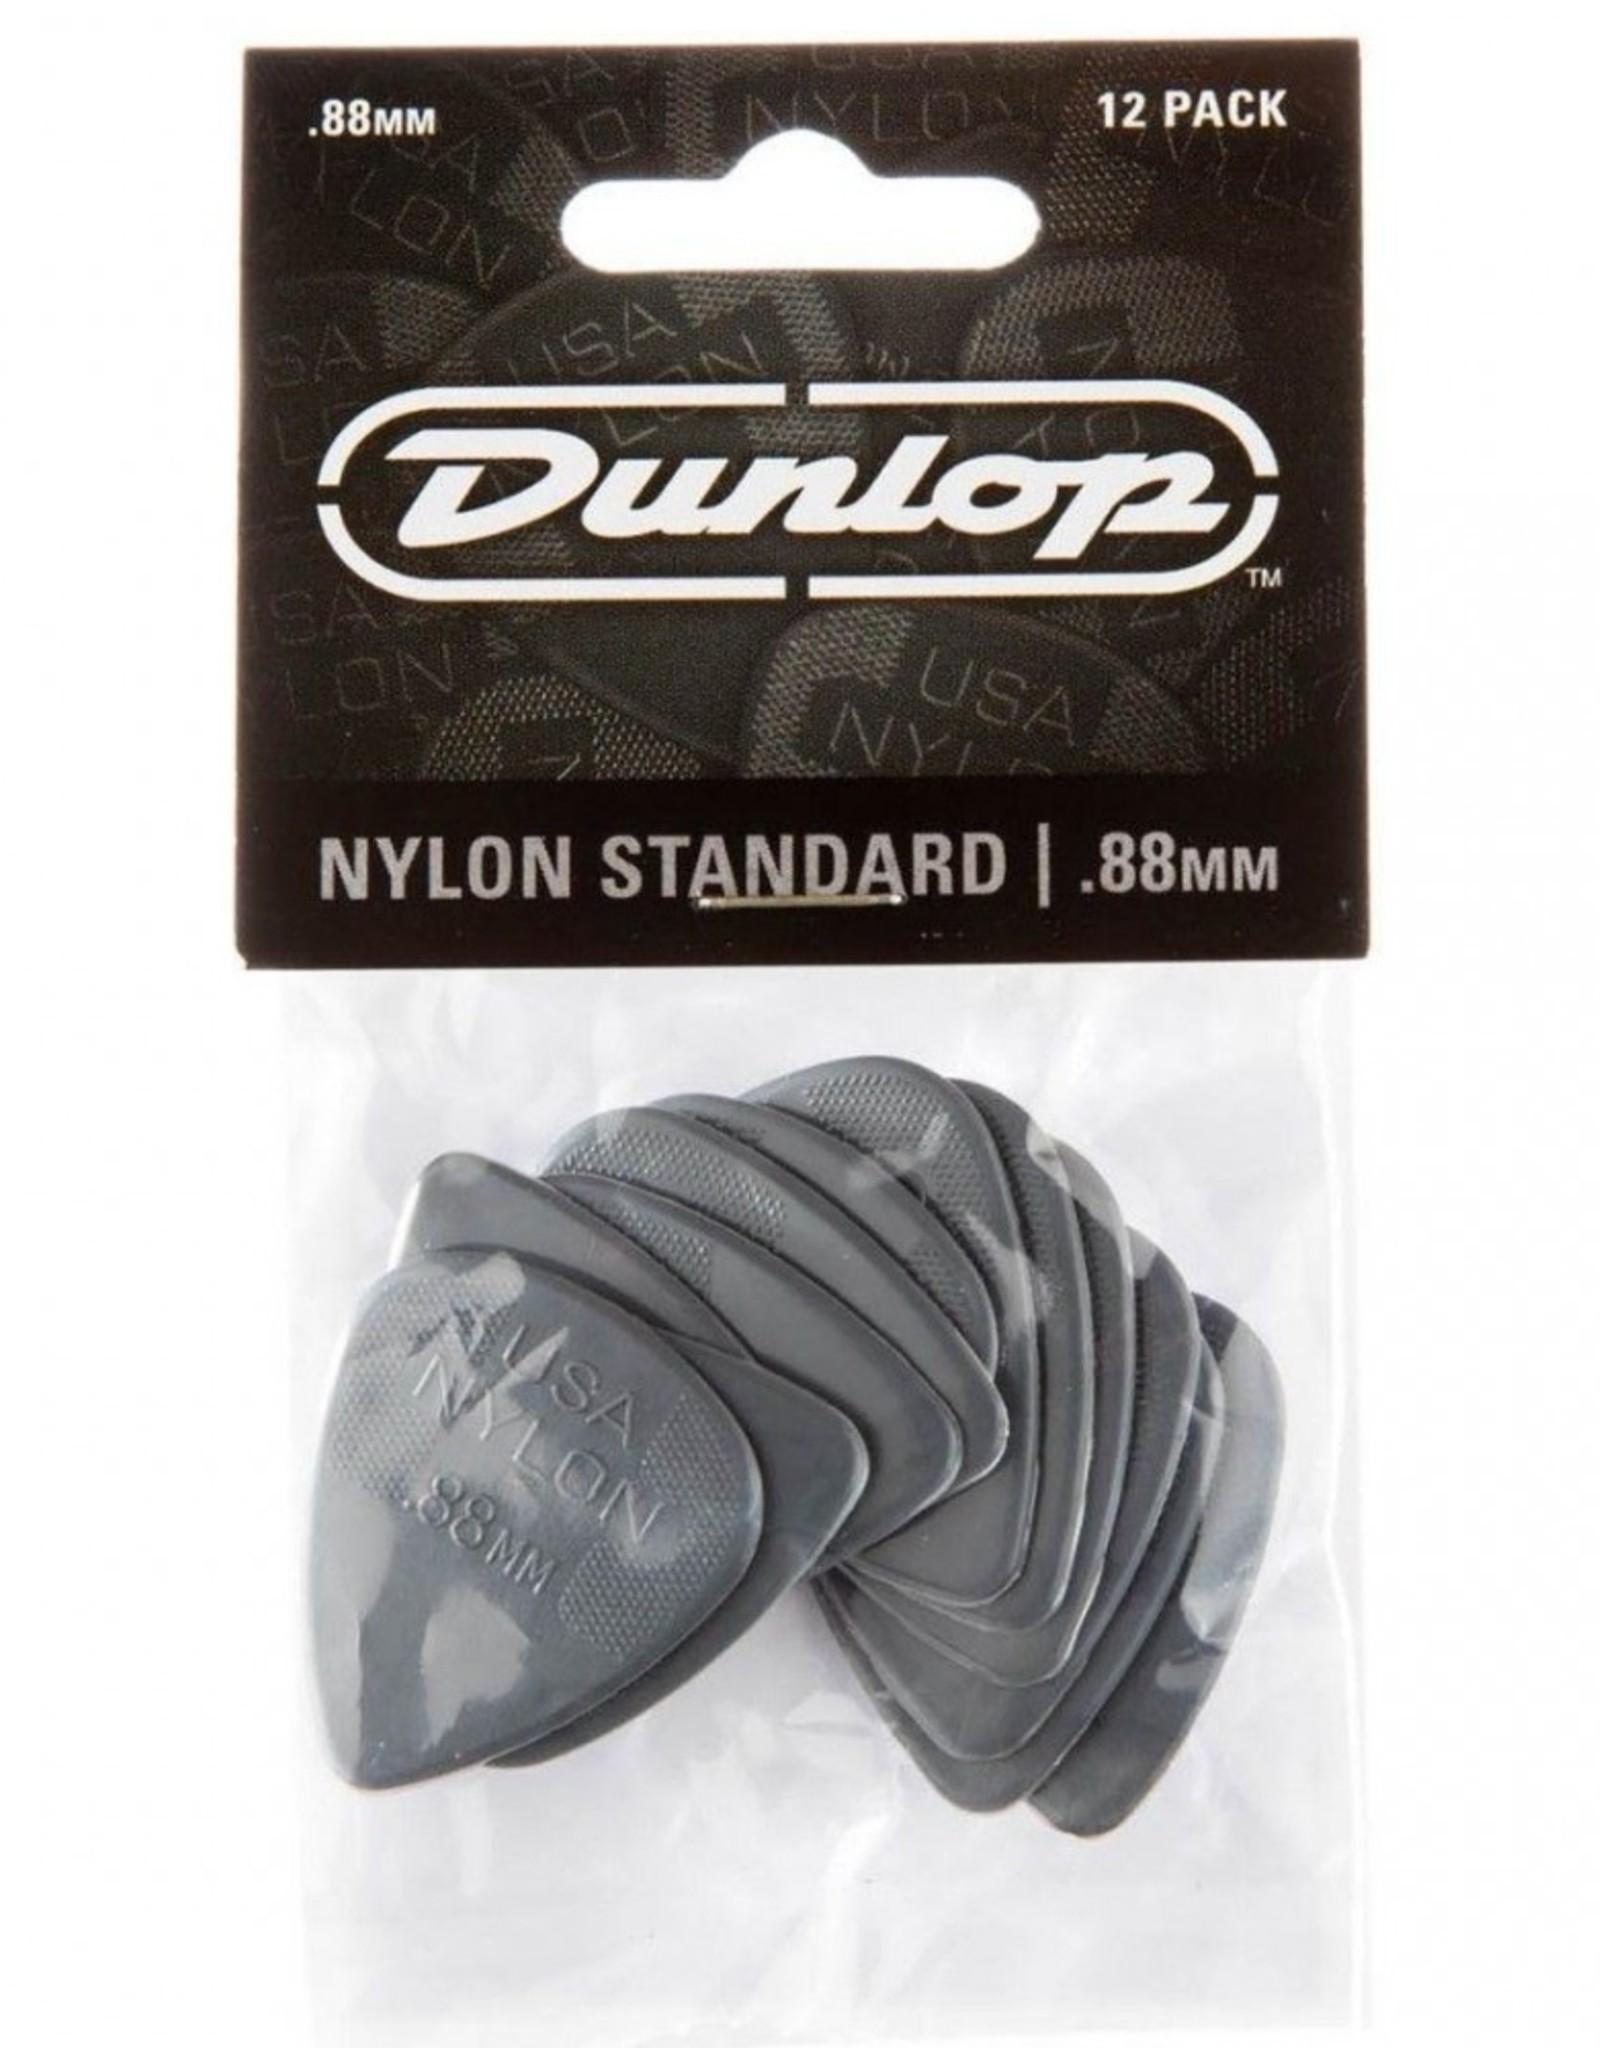 Dunlop Dunlop Nylon Standard 88mm Player Pack